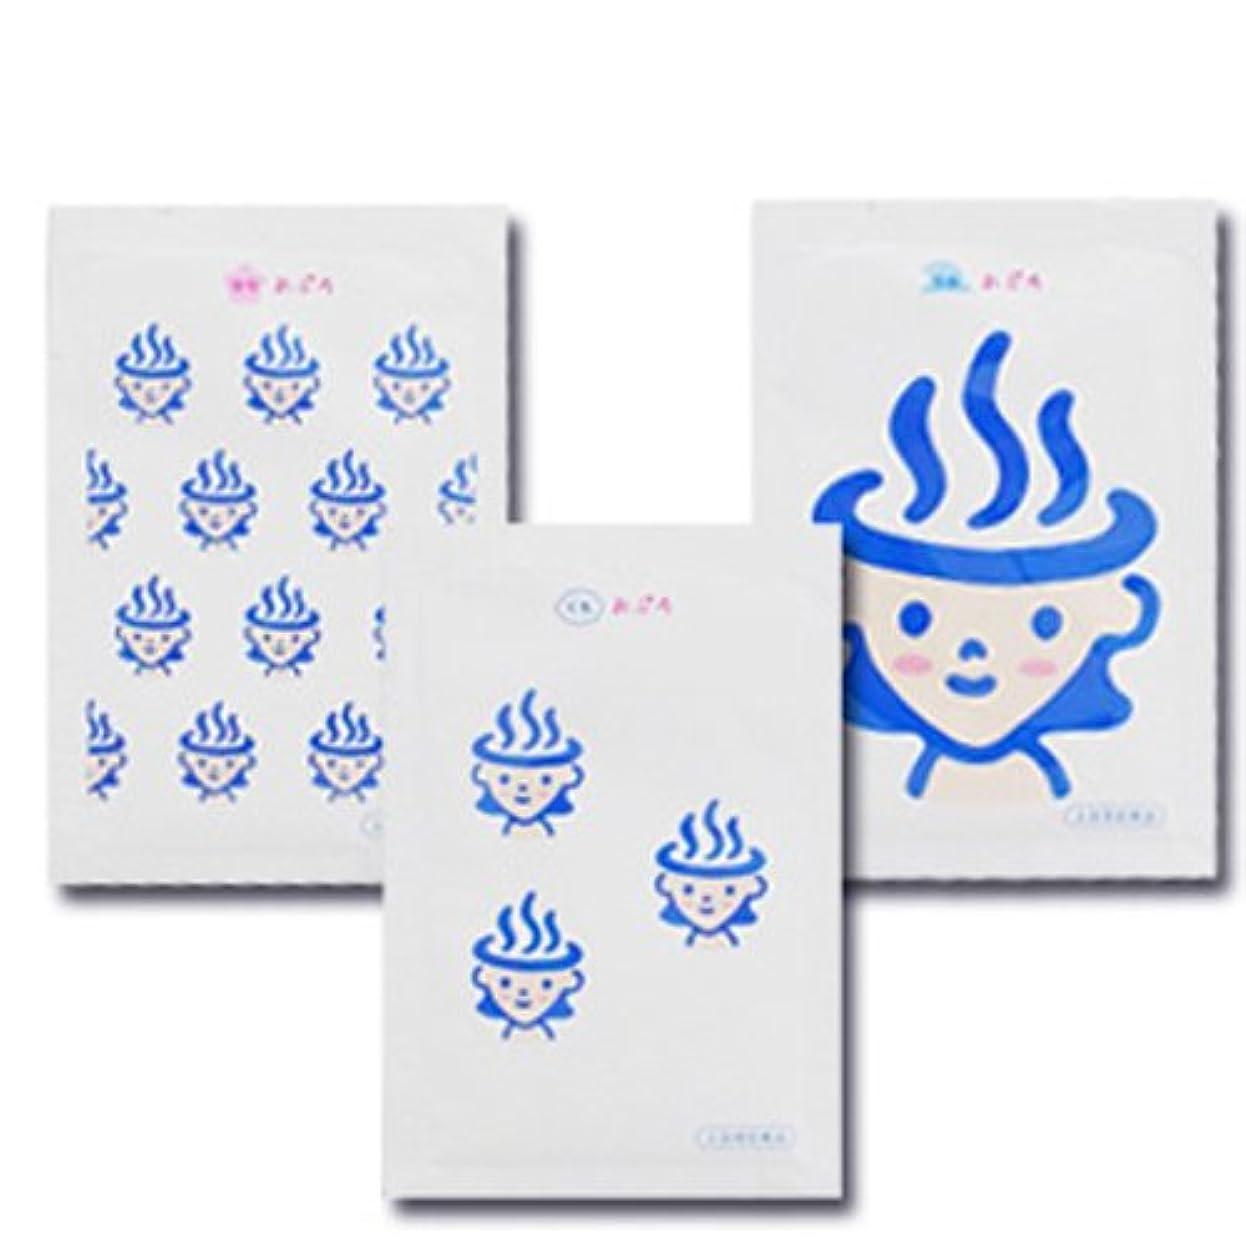 速記影響生命体お風呂サプリ おぷろ 3包入り(3種×1包)